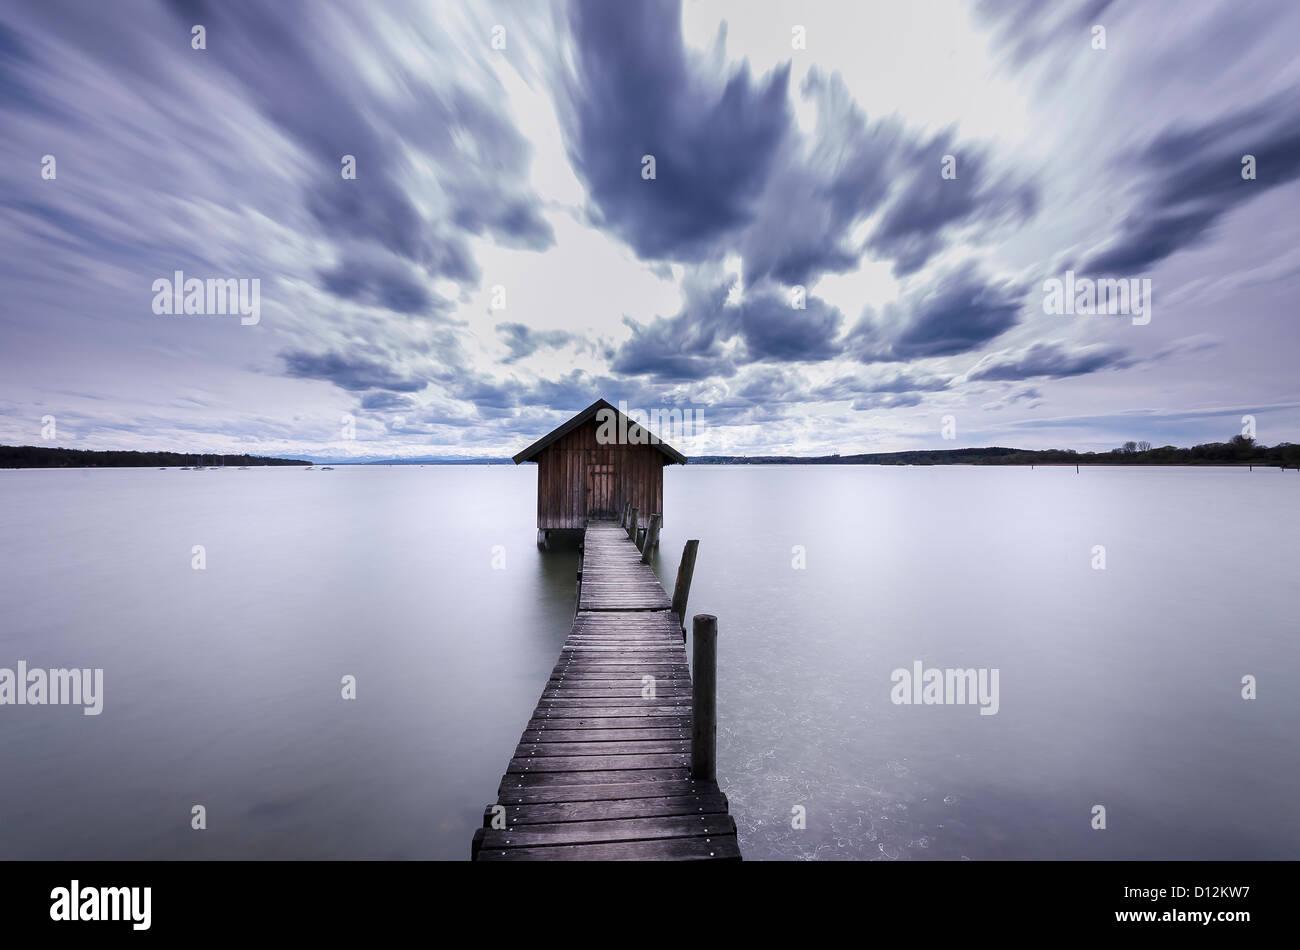 Alemania, Baviera, Vista de cobertizo con el embarcadero del lago Ammersee Imagen De Stock